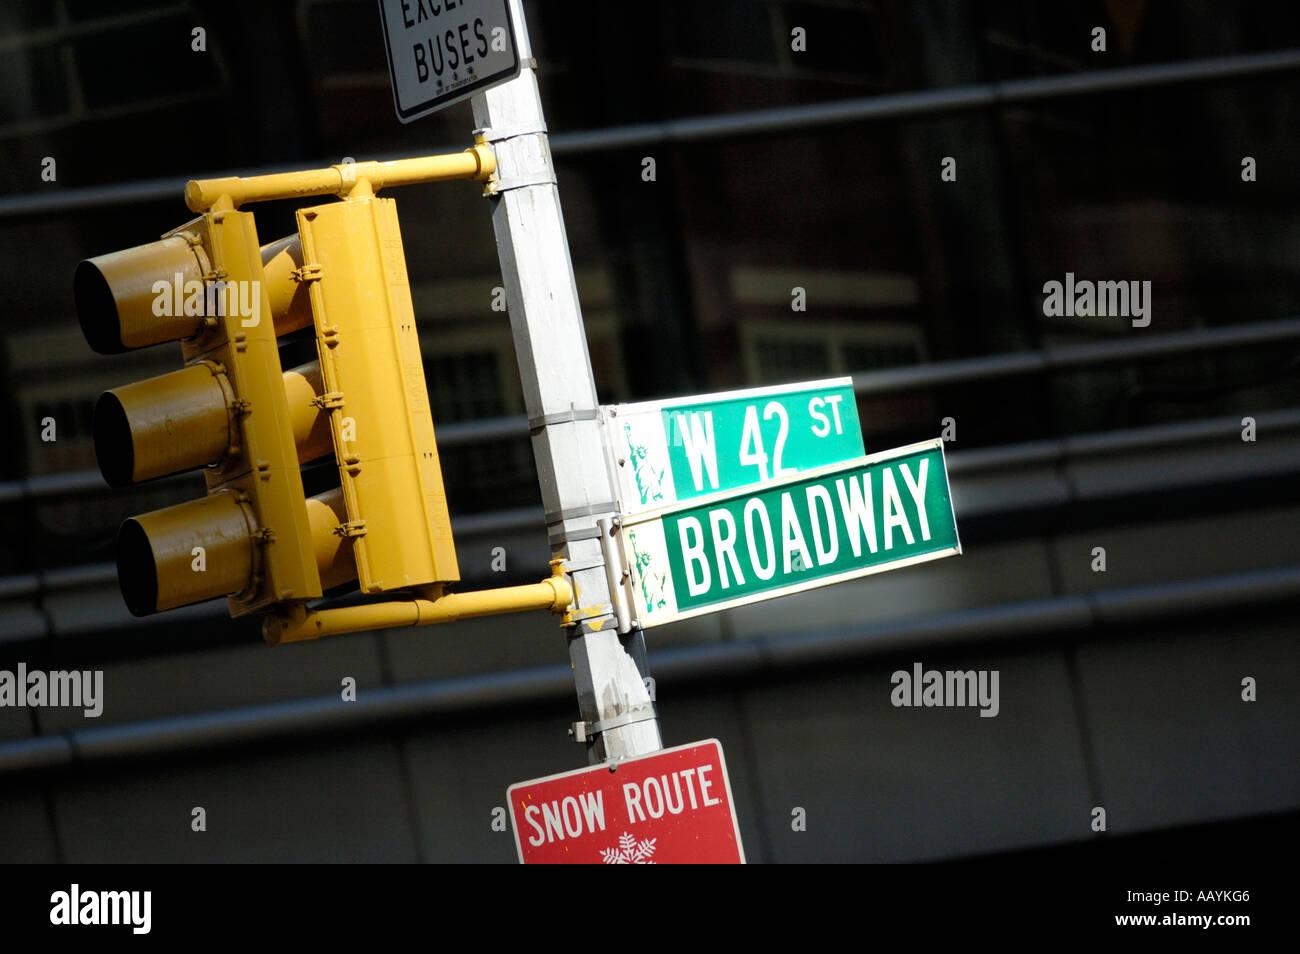 Straße Zeichen repräsentierten durch Sonne an Kreuzung von Broadway und vierzig zweite 42nd Street, Times Square, New York City Stockbild